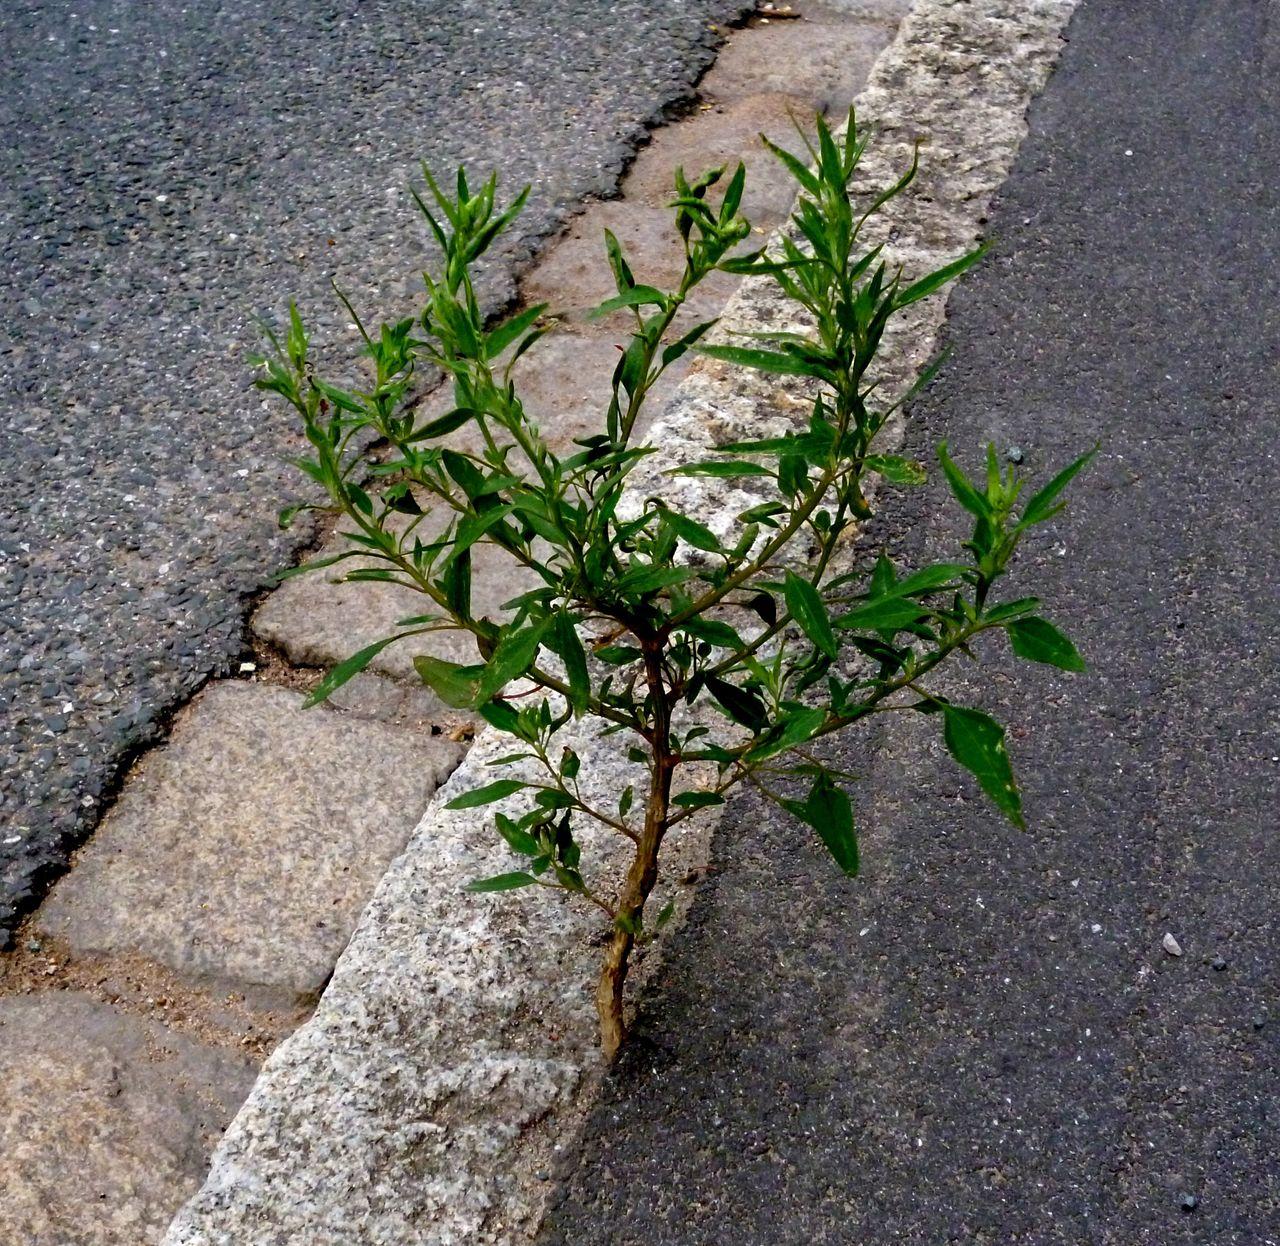 Bild asphalt baum stra e pflanzen von helmut artmann for Baum pflanzen